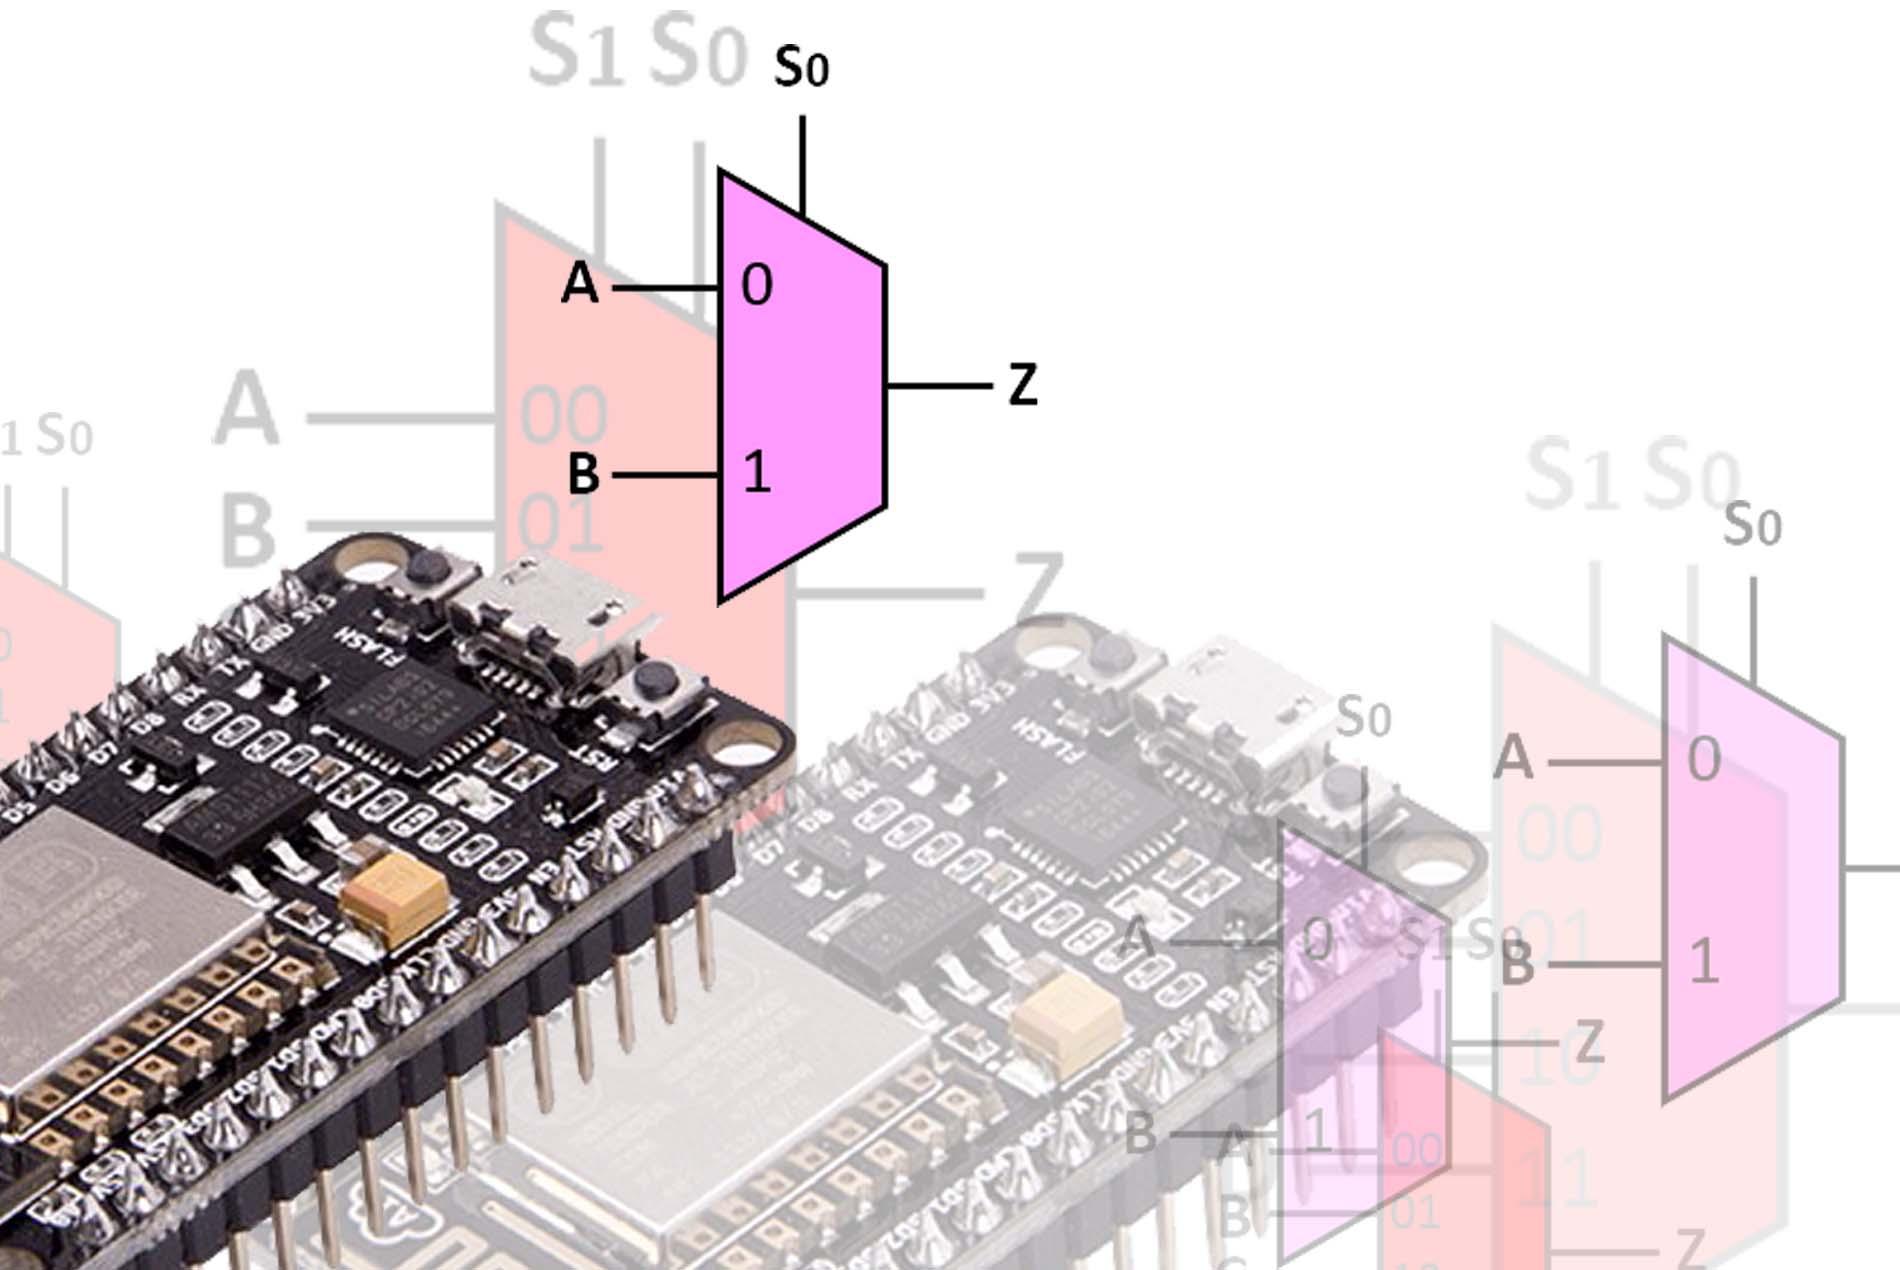 TUTORIAL] Menggunakan Multiplekser pada ESP8266 (NodeMCU) | Narin